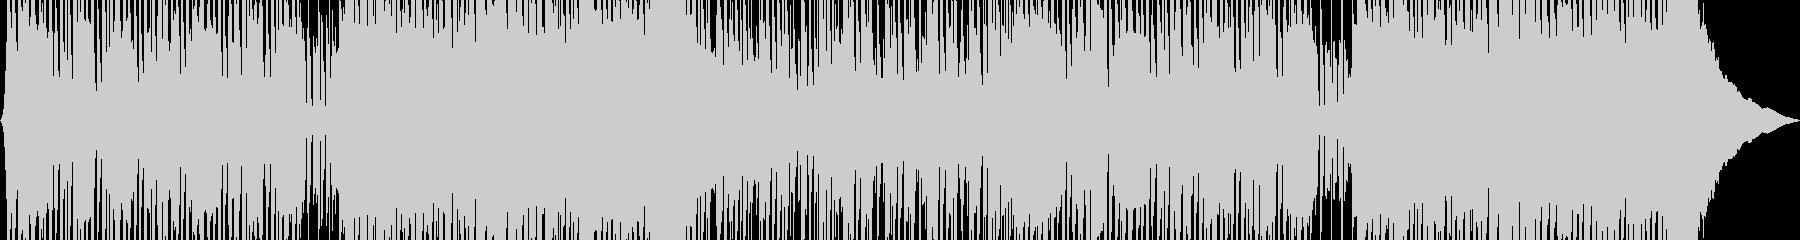 エネルギッシュなハッピーロックミュージッの未再生の波形